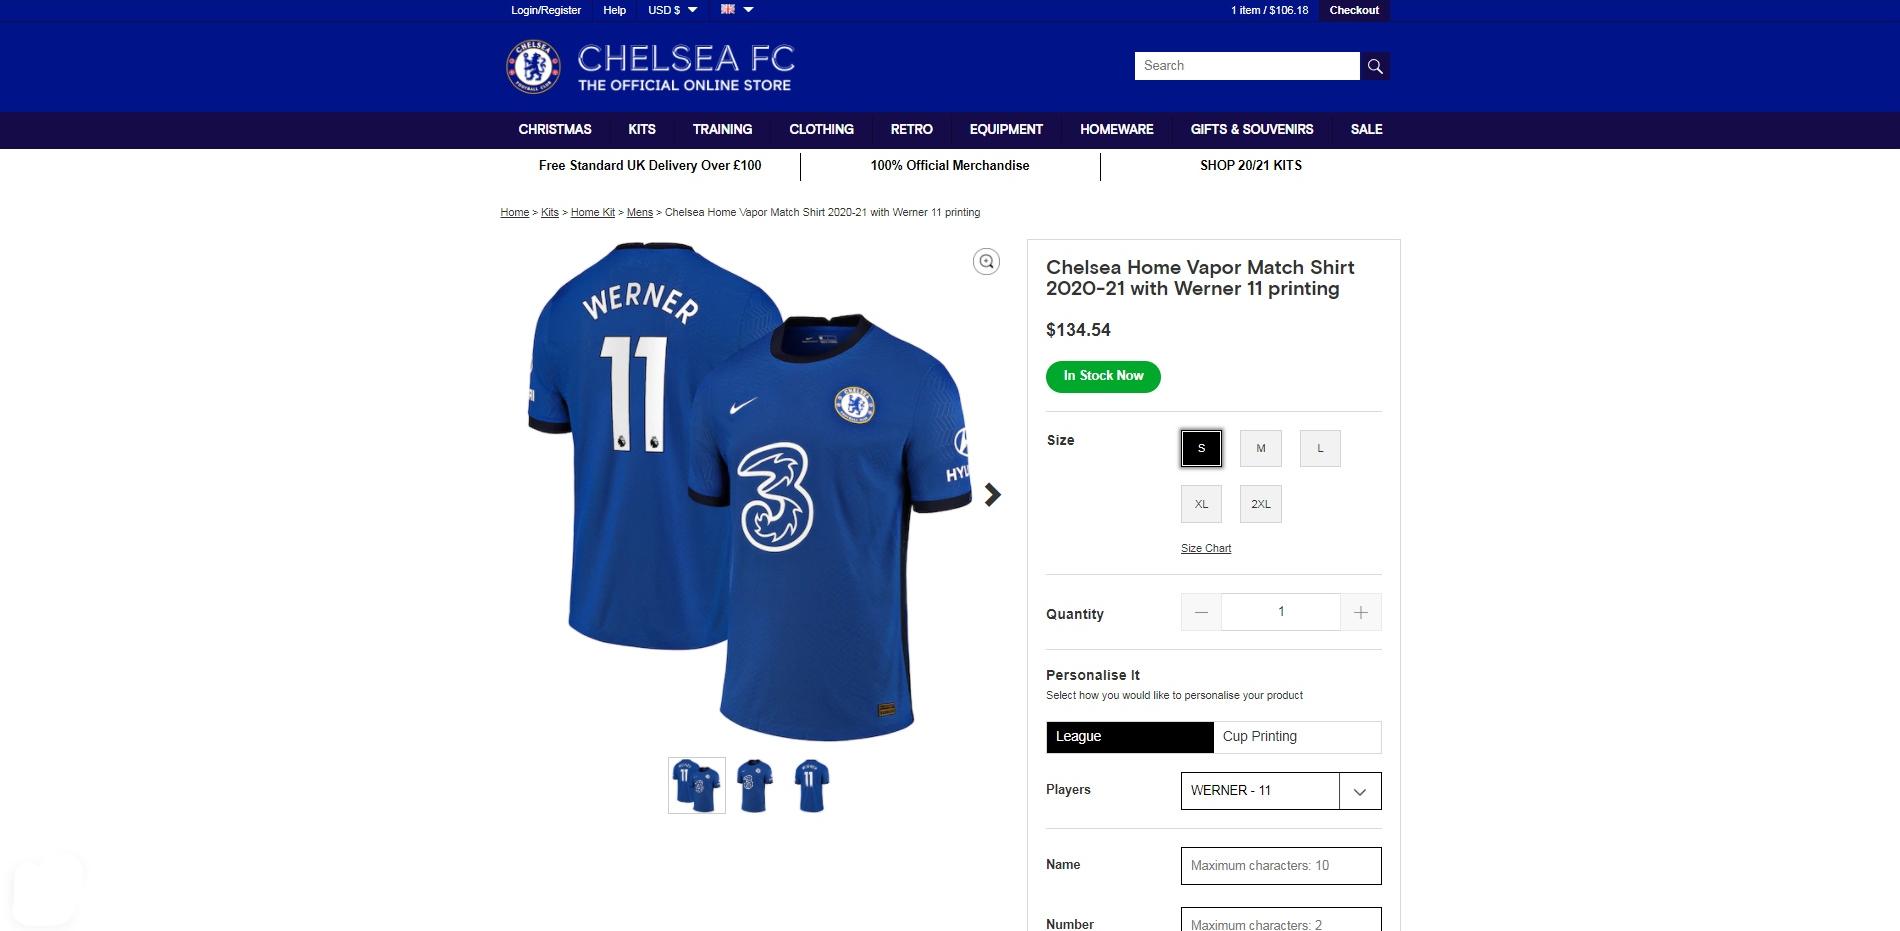 У «Арсенала» самые дорогие футболка в лиге, а «Юнайтед» продает только реплики. Гайд по ценам в фан-шопах АПЛ